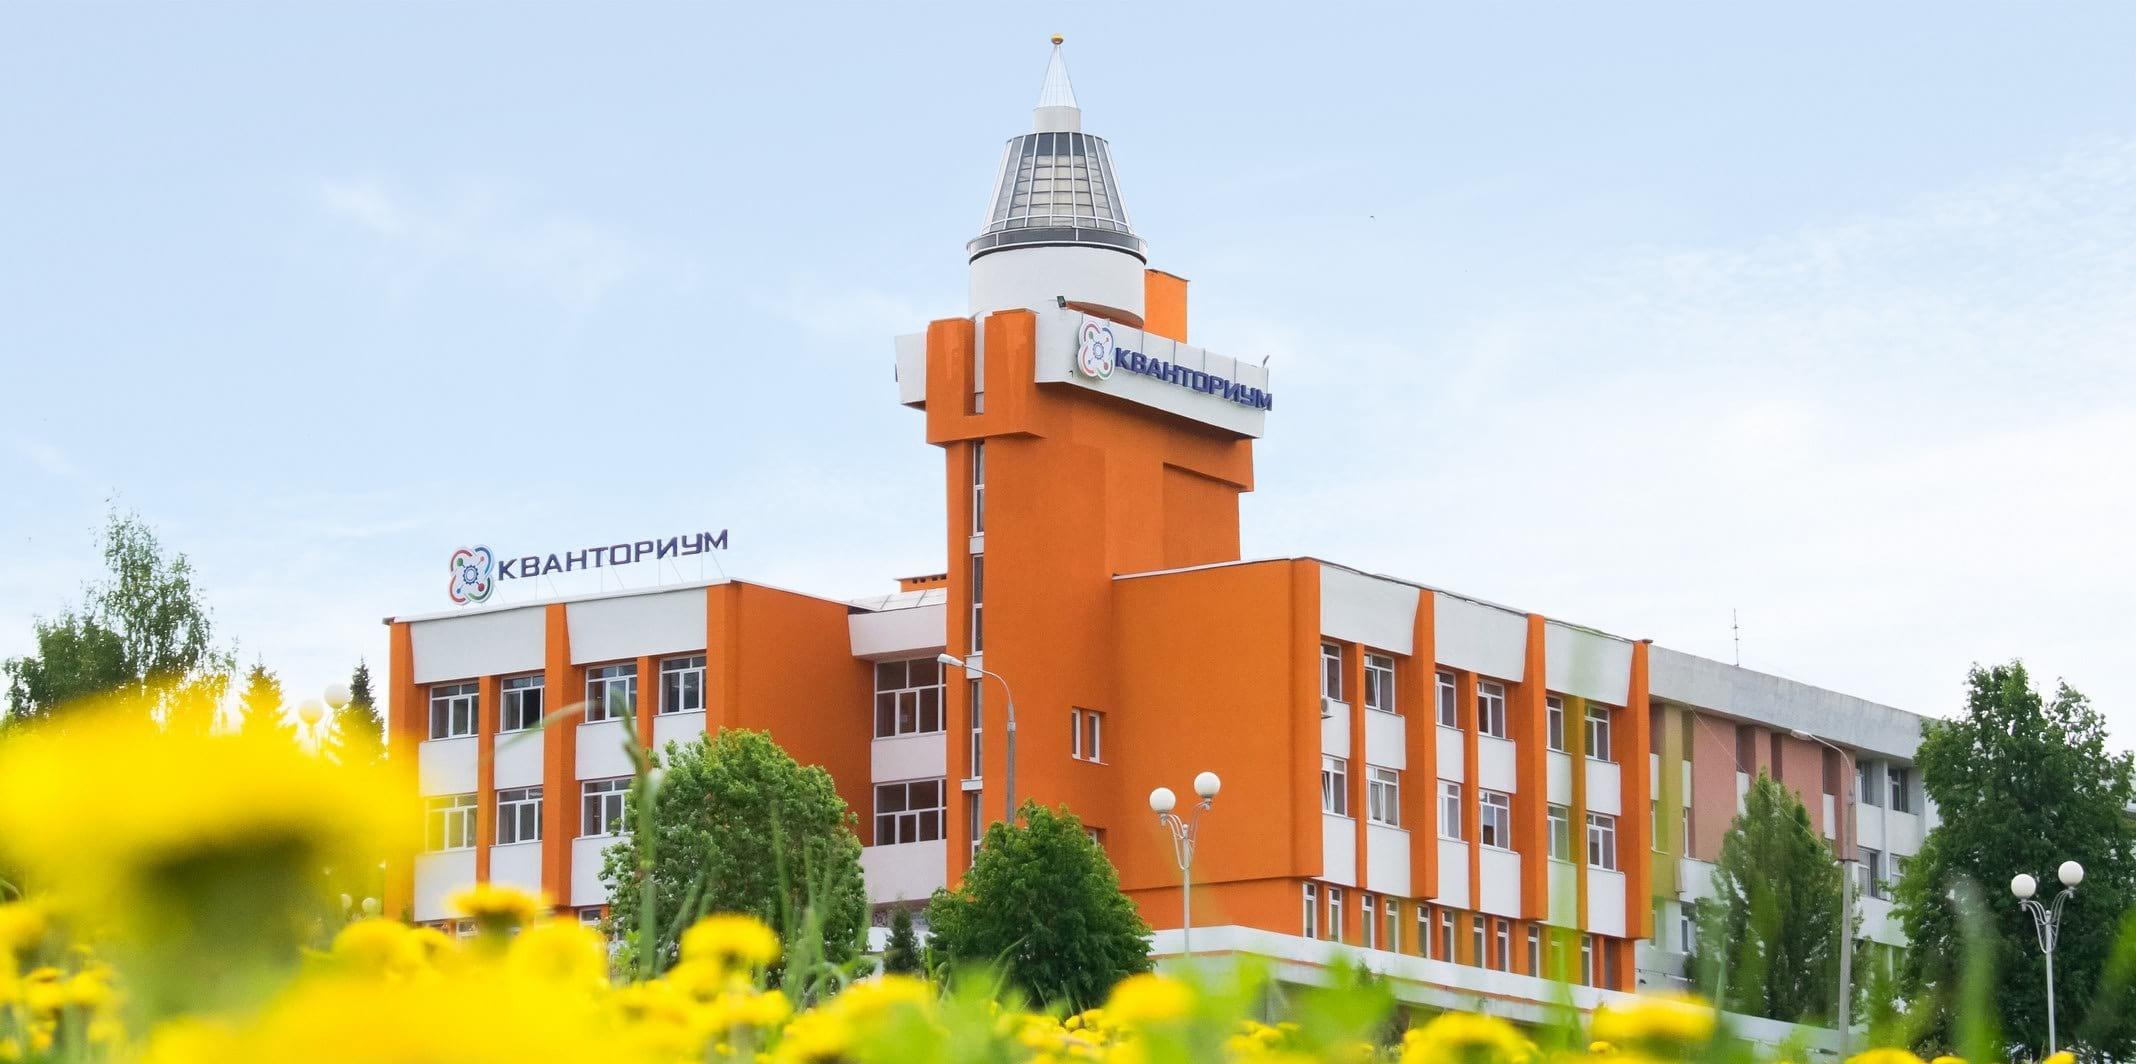 Чебоксарский Кванториум в числе лучших образовательных организаций юниорского движения Ворлдскиллс Россия